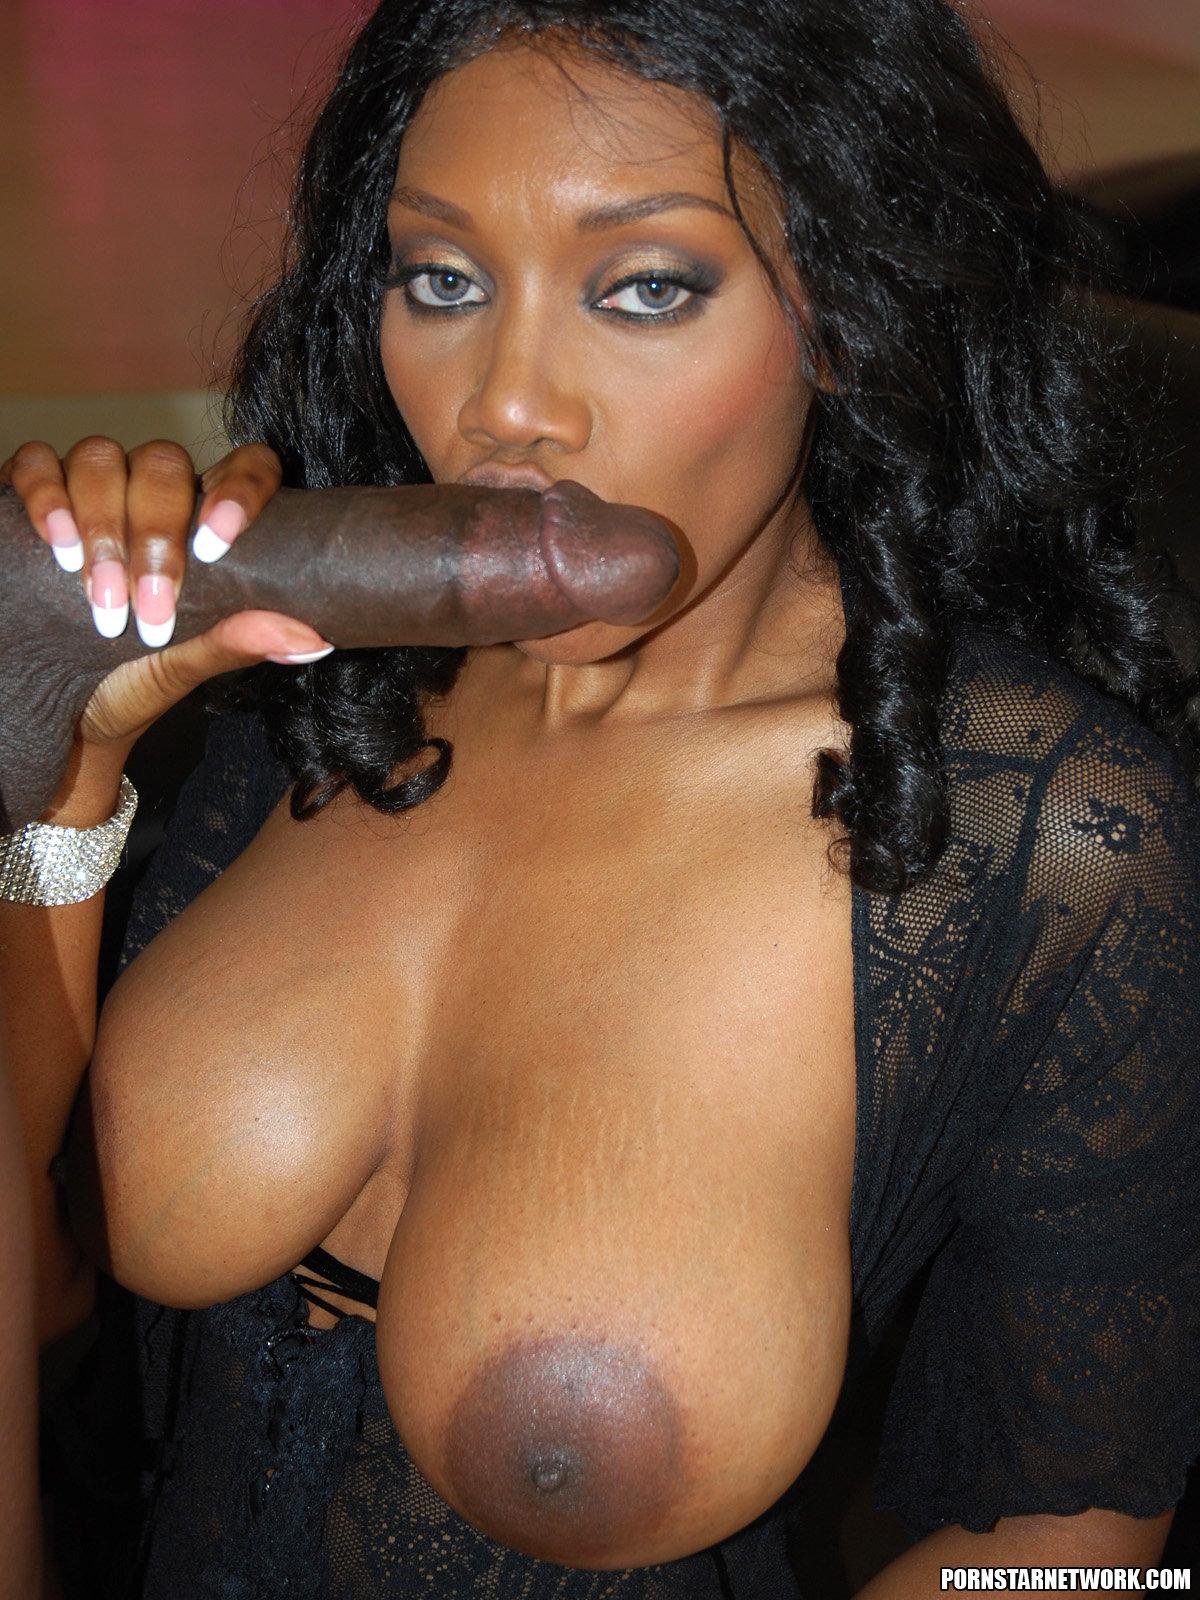 Фото порно актрис негритянок 4 фотография